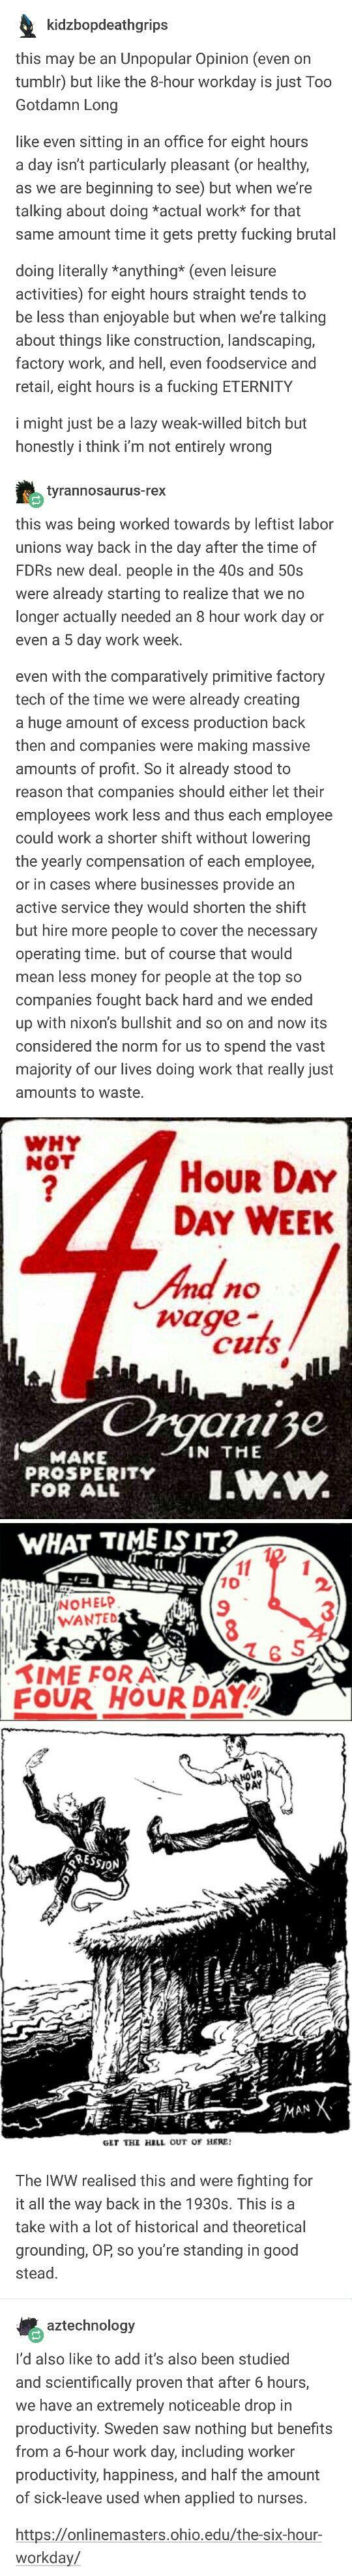 Weniger Arbeitslosigkeit, zufriedenere und gesündere Mitarbeiter und mehr Freizeit. Da bin ich sogar bereit bis 70 zu arbeiten, wenn es nur 4 mal die Woche 4 bis 6 Stunden sind!